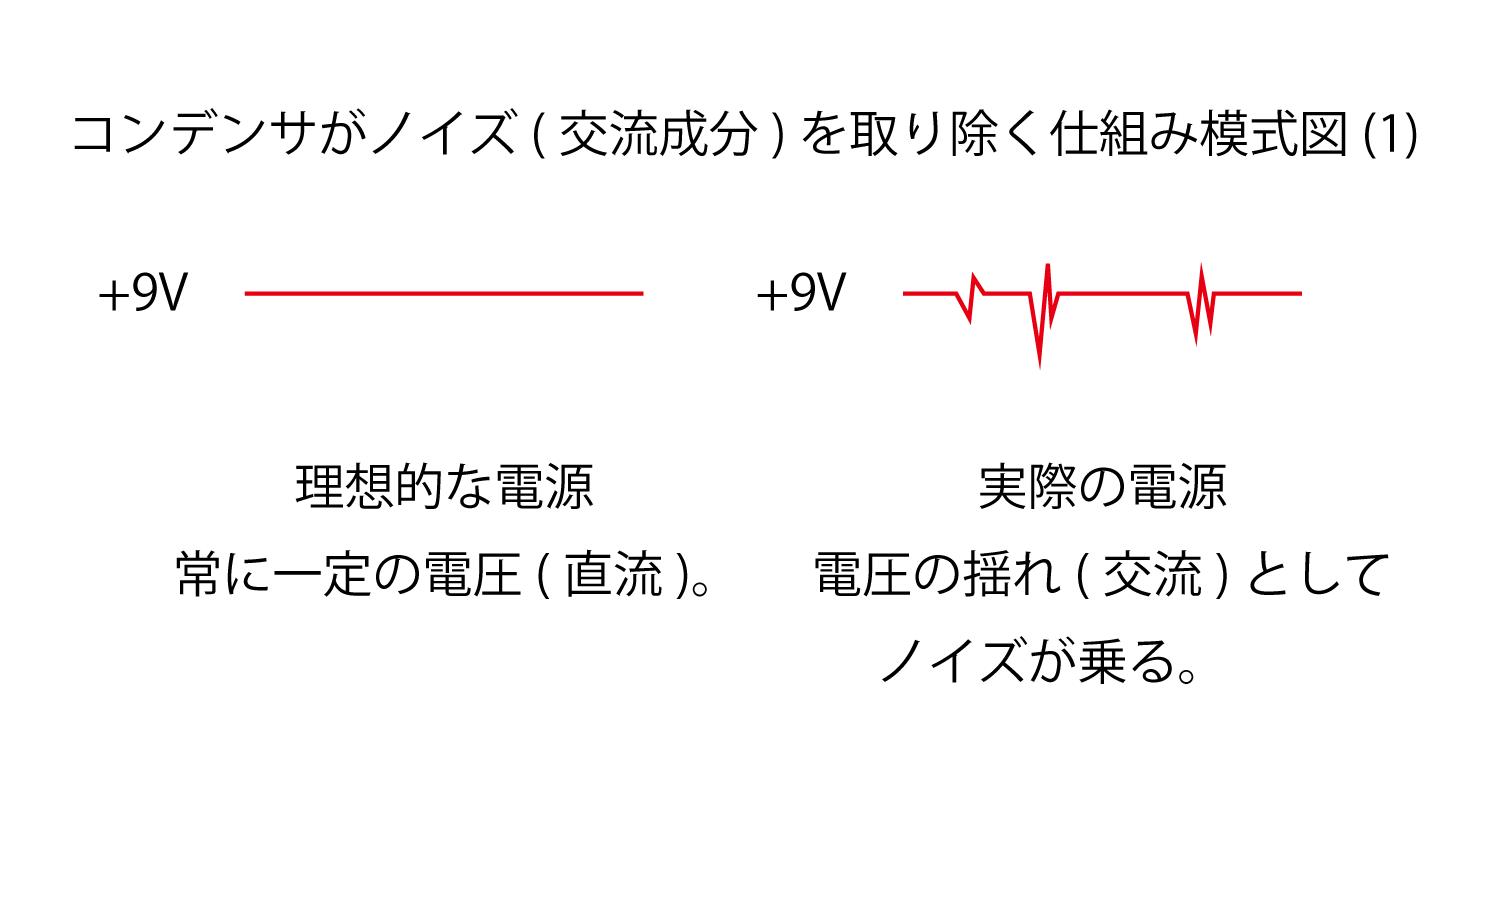 コンデンサがノイズ(交流成分)を取り除く仕組み模式図(1)